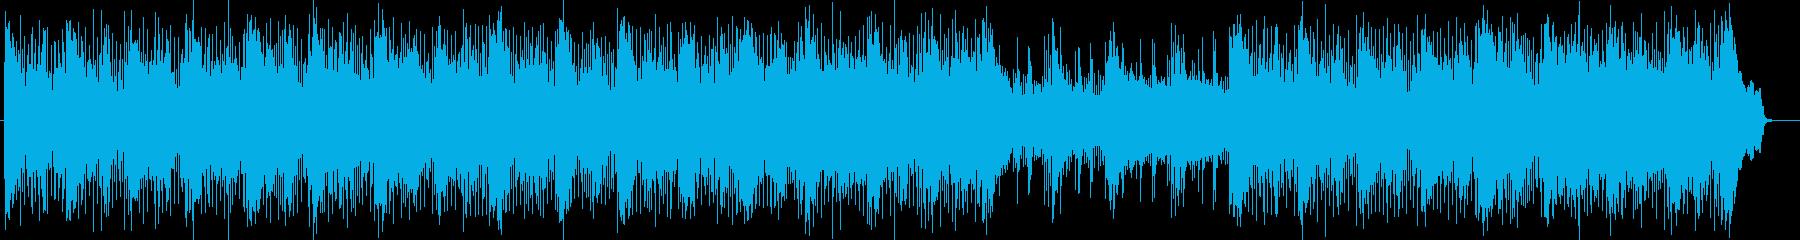 スピード感あるエレリトリックポップスの再生済みの波形